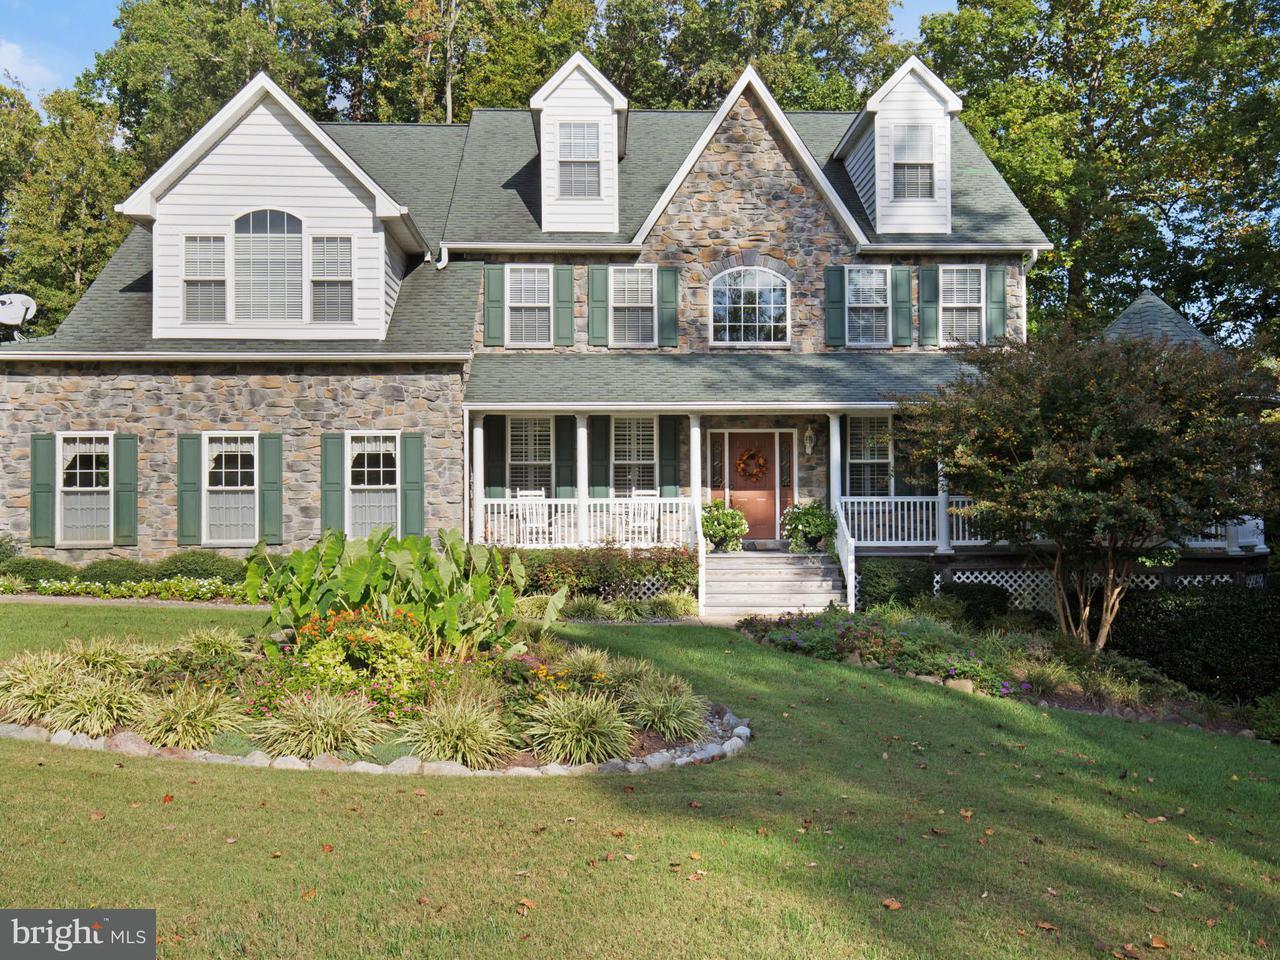 一戸建て のために 売買 アット 1511 LARKSPUR Court 1511 LARKSPUR Court Huntingtown, メリーランド 20639 アメリカ合衆国